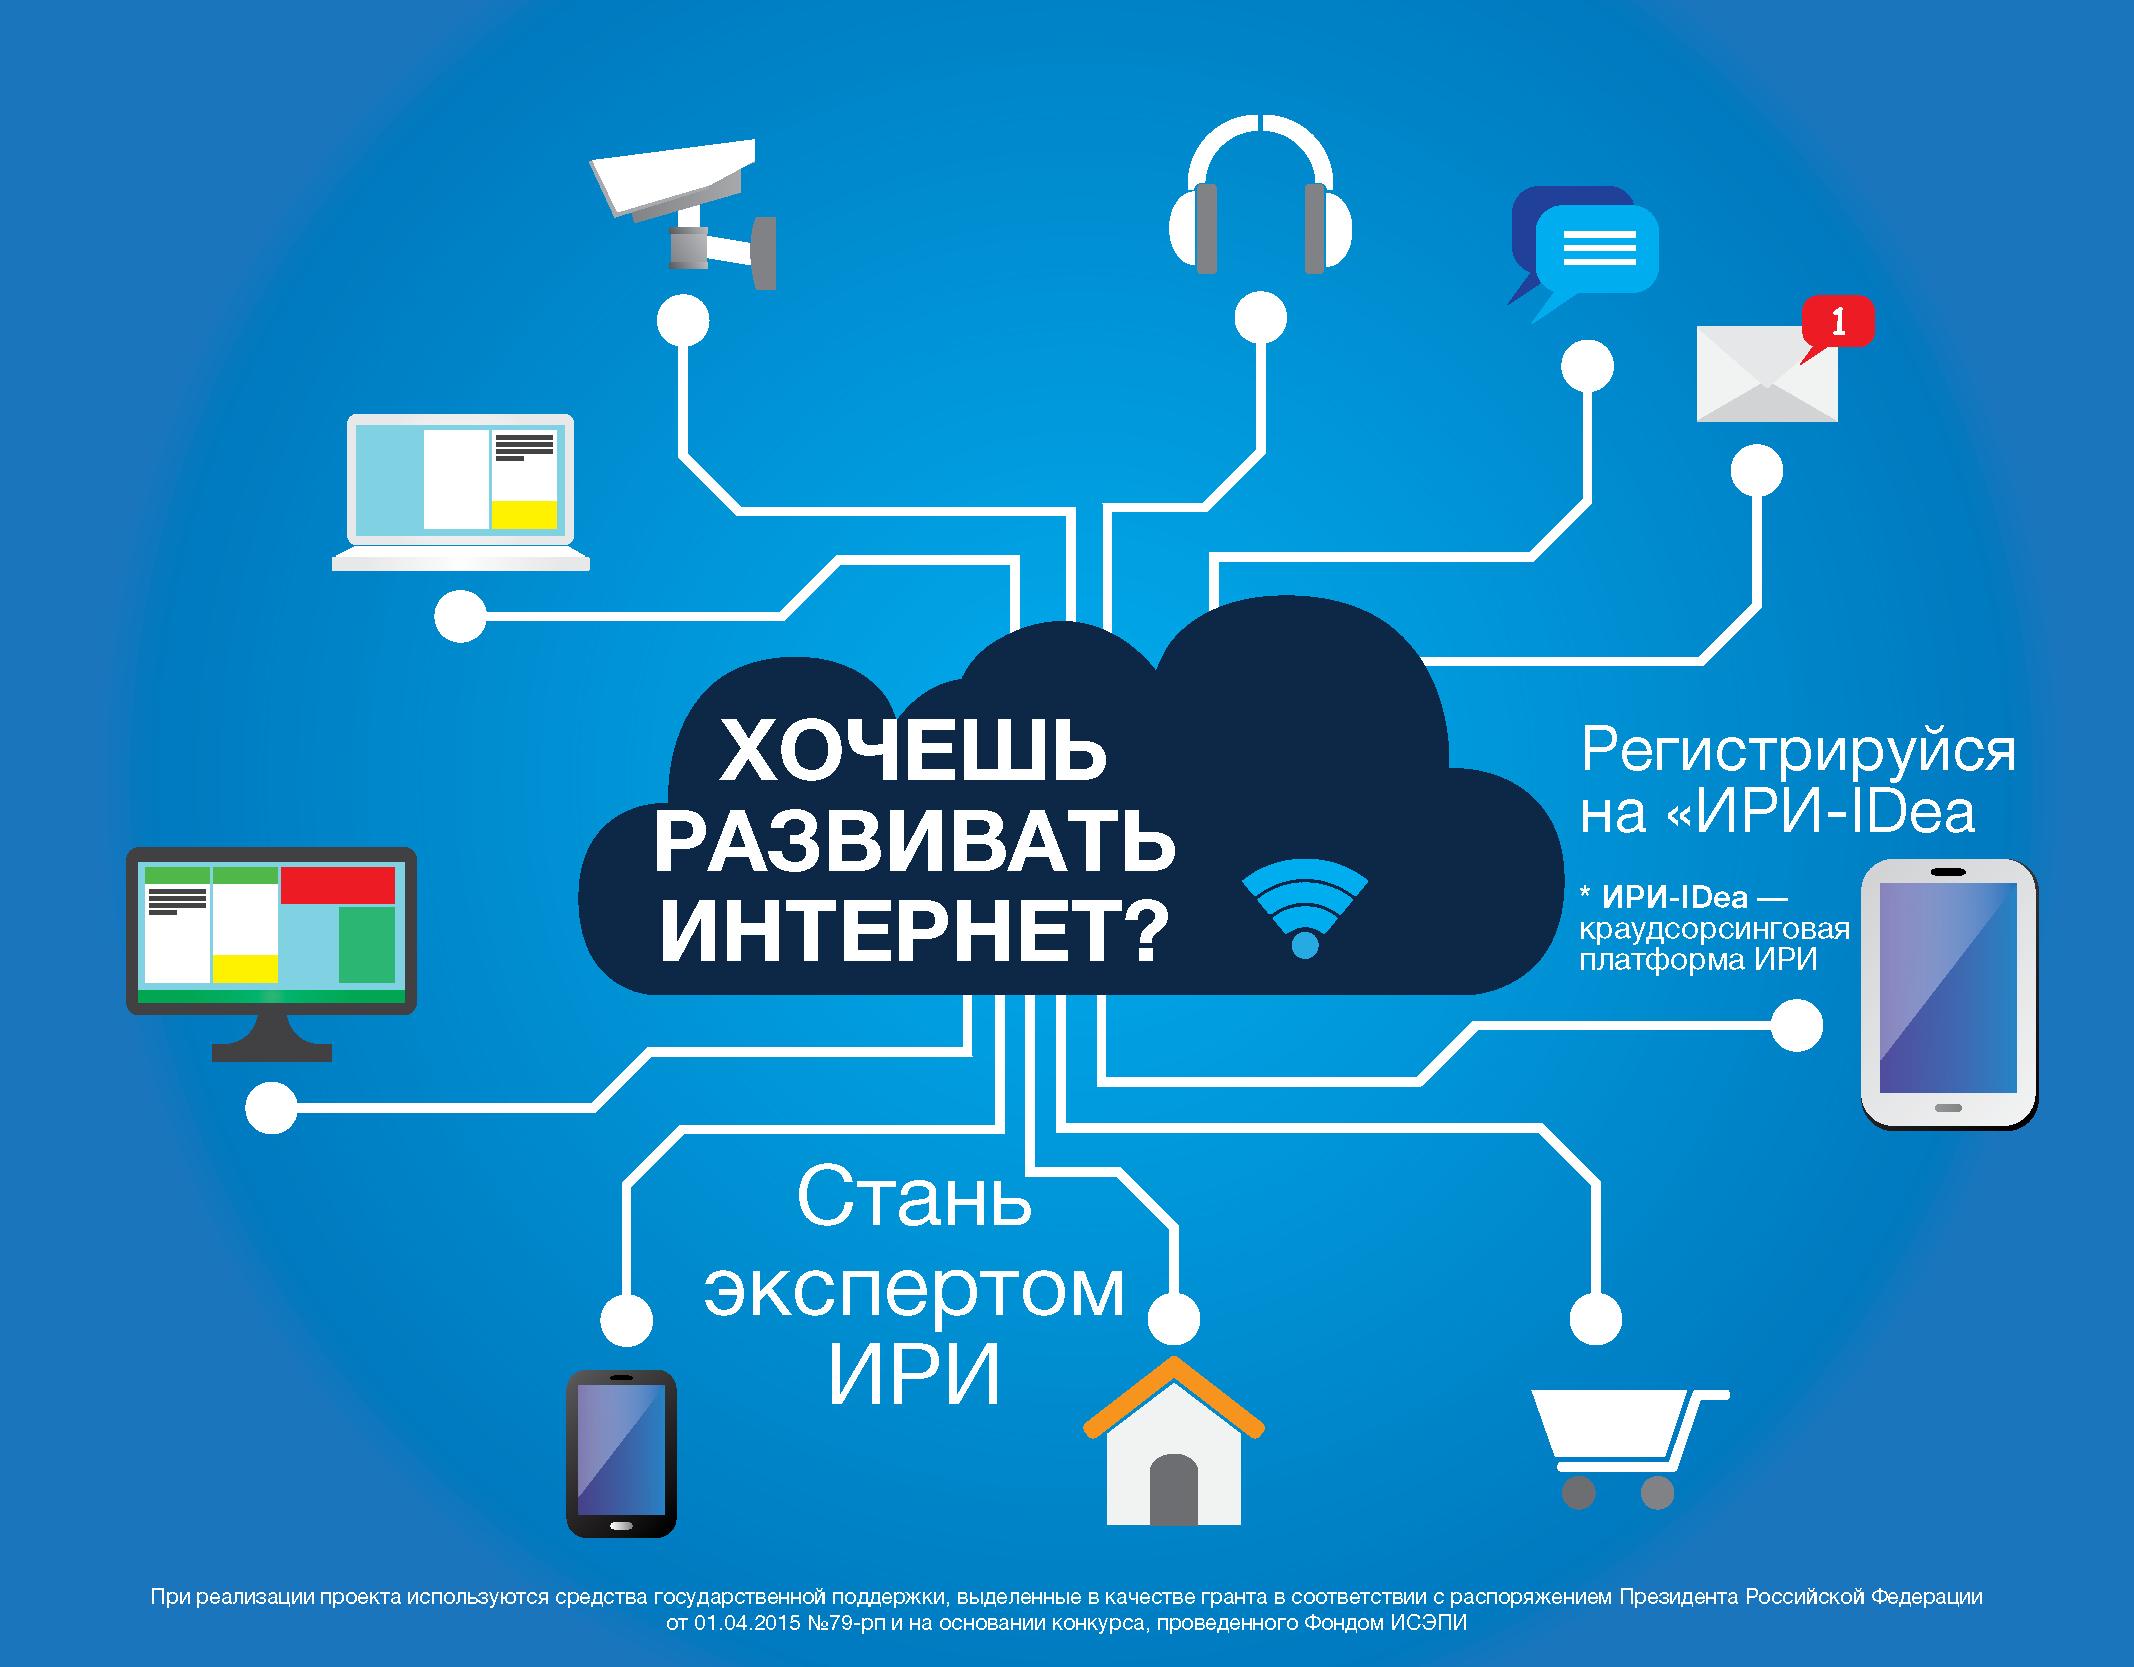 Институт Развития Интернета представил свою краудсорсинговую платформу